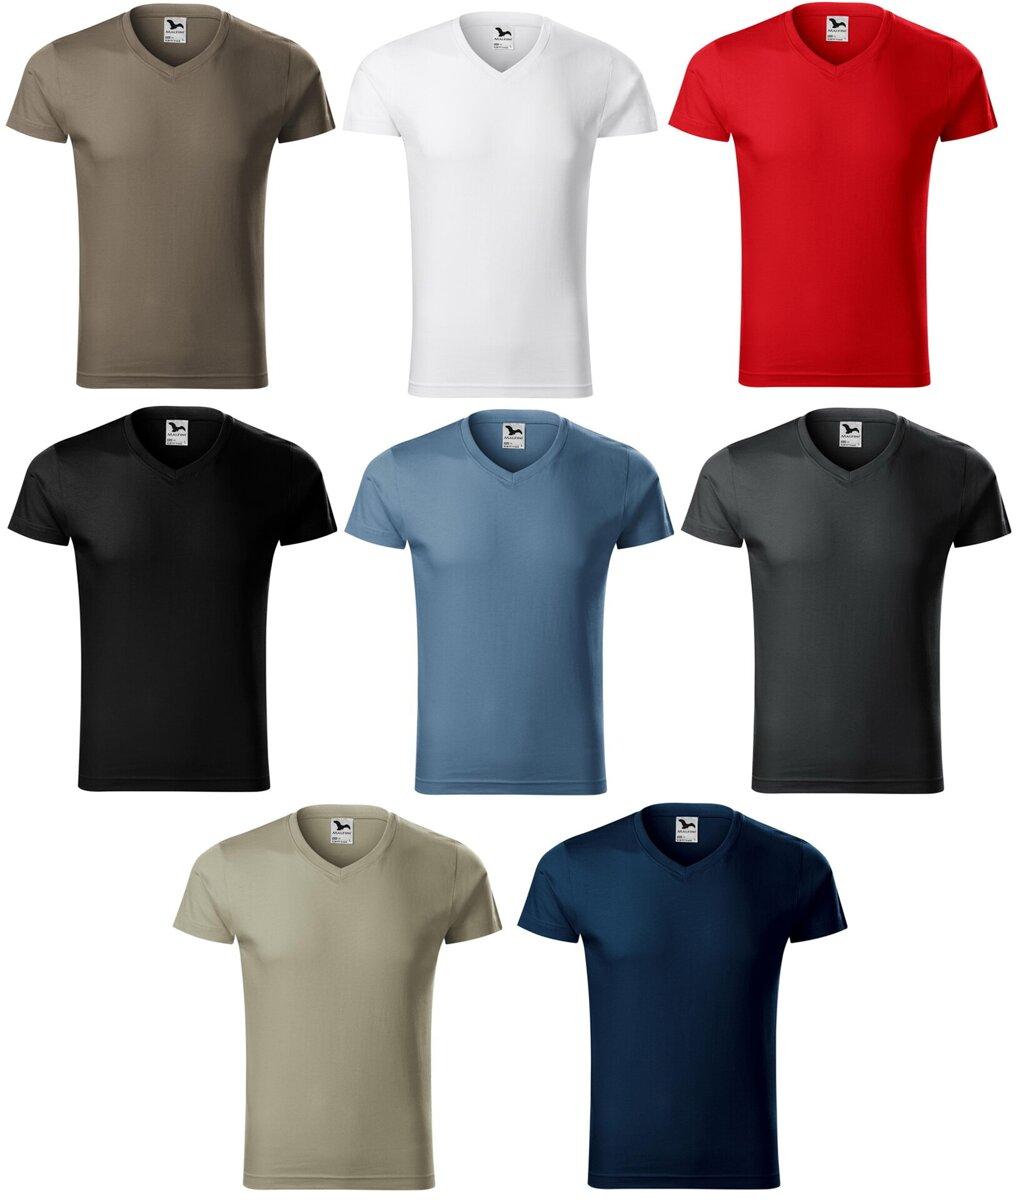 019e4454add34 Pánske obtiahnuté - priliehavé tričko s krátkym rukávom Slim Fit ...